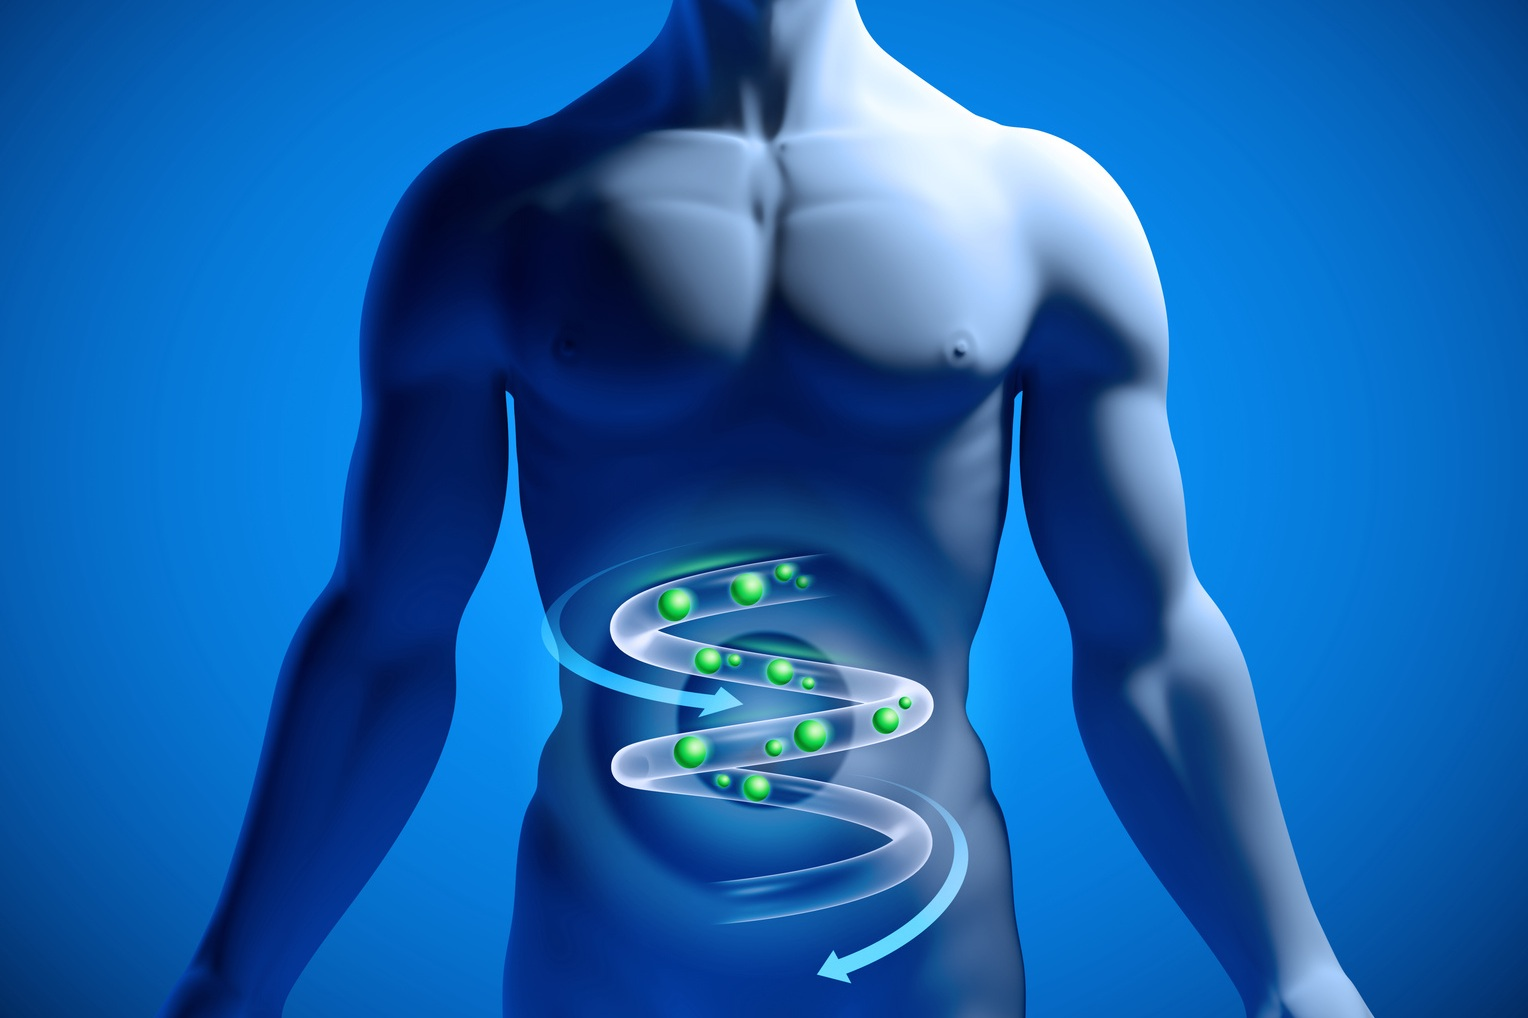 Боли поджелудочной железы: где находится и может ли болеть орган, симптомы и его лечение у женщин или мужчин в домашних условиях